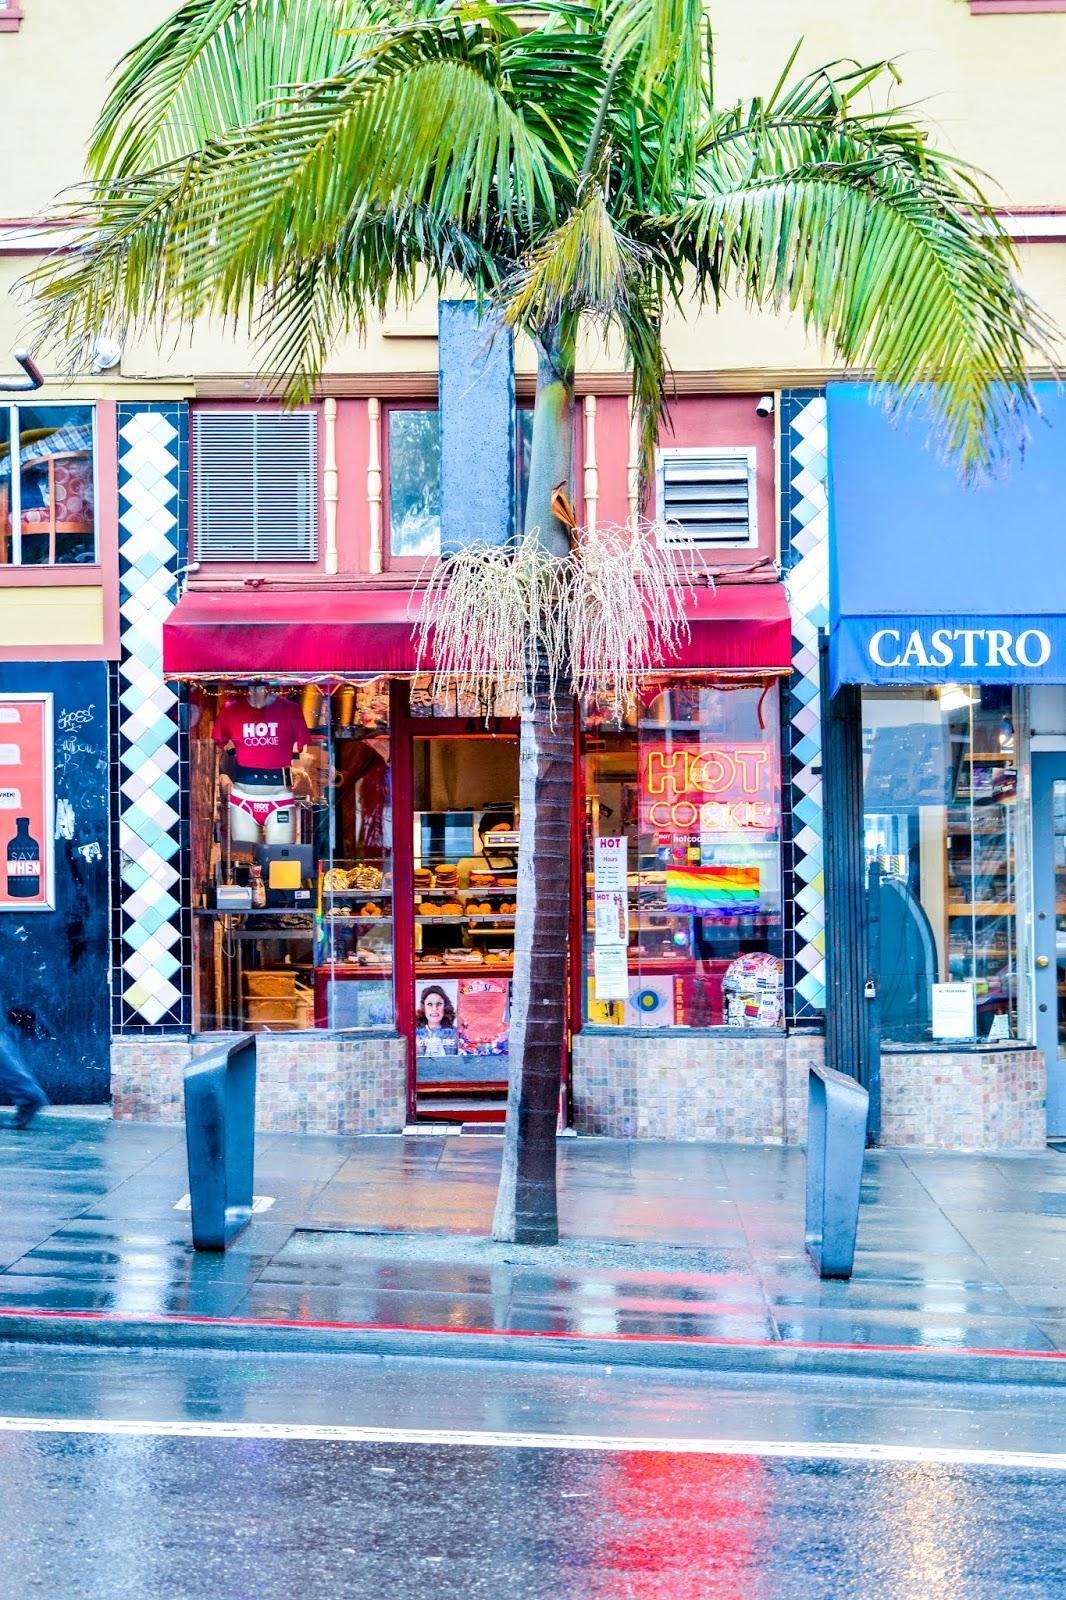 Hot Cookie Castro